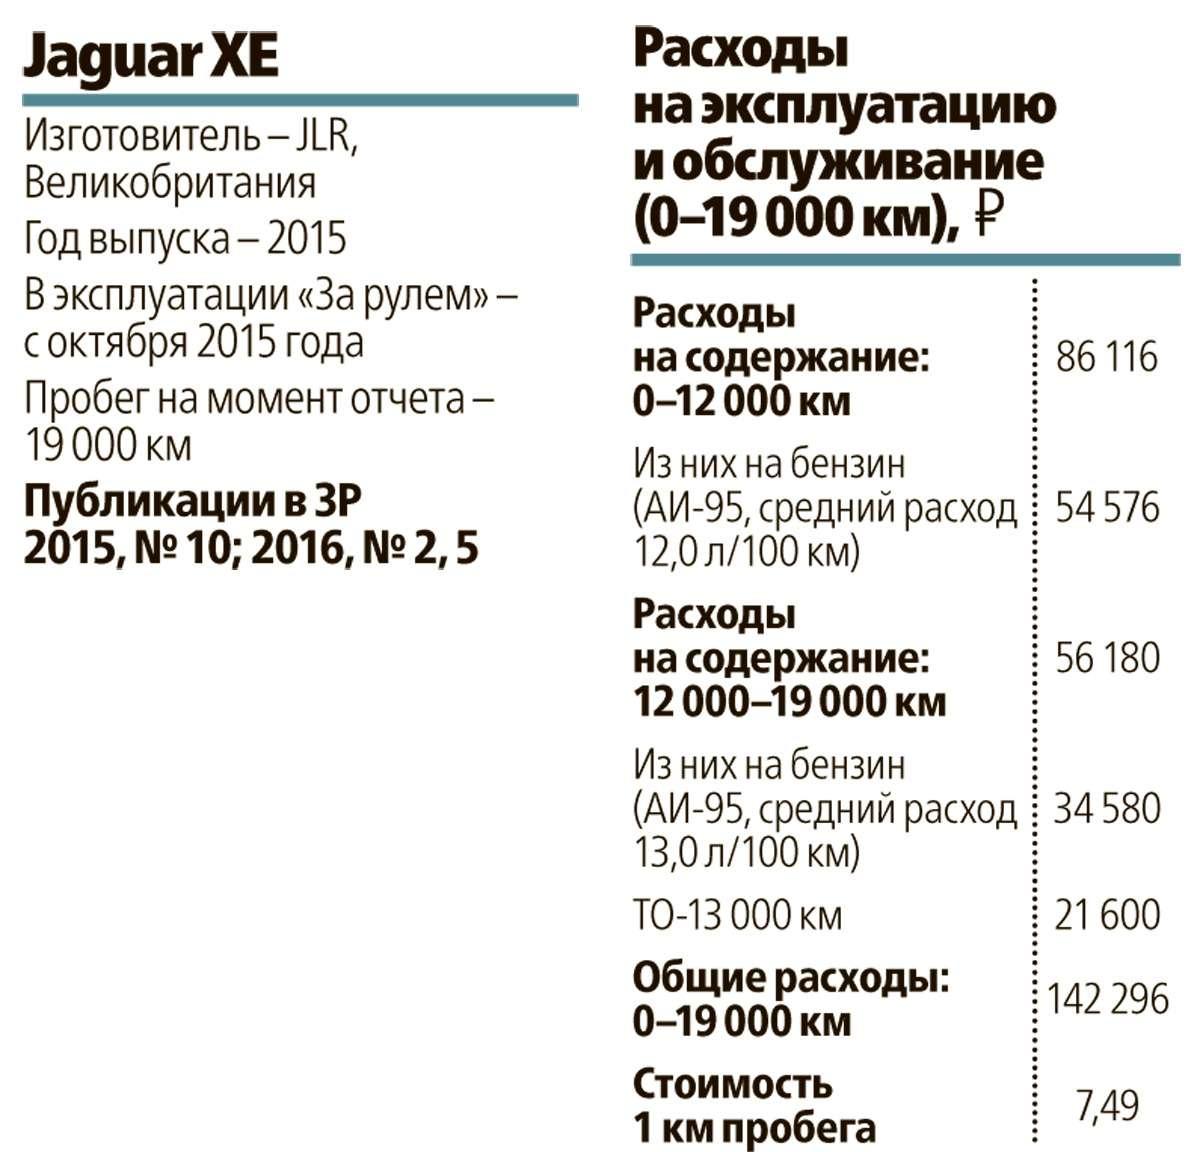 Jaguar XEизпарка ЗР: гуляет сам посебе— фото 609399